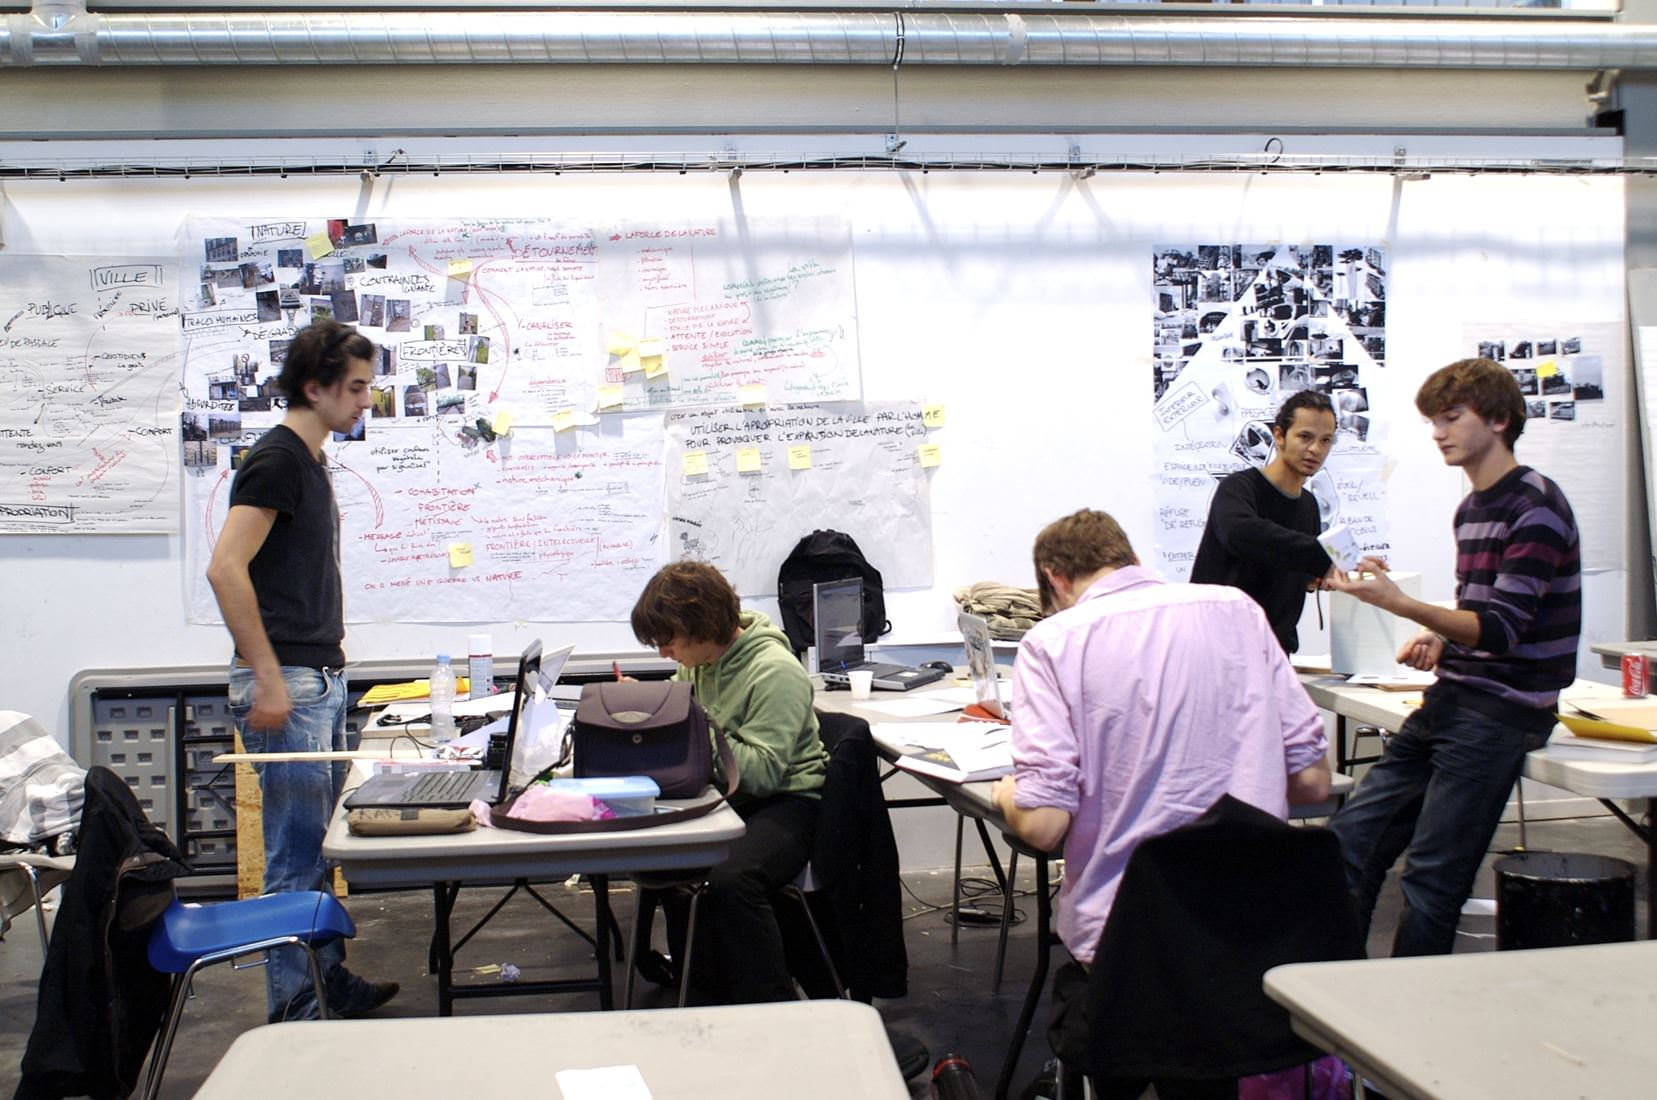 Ambiances de cours strate cole de design for Cours de design